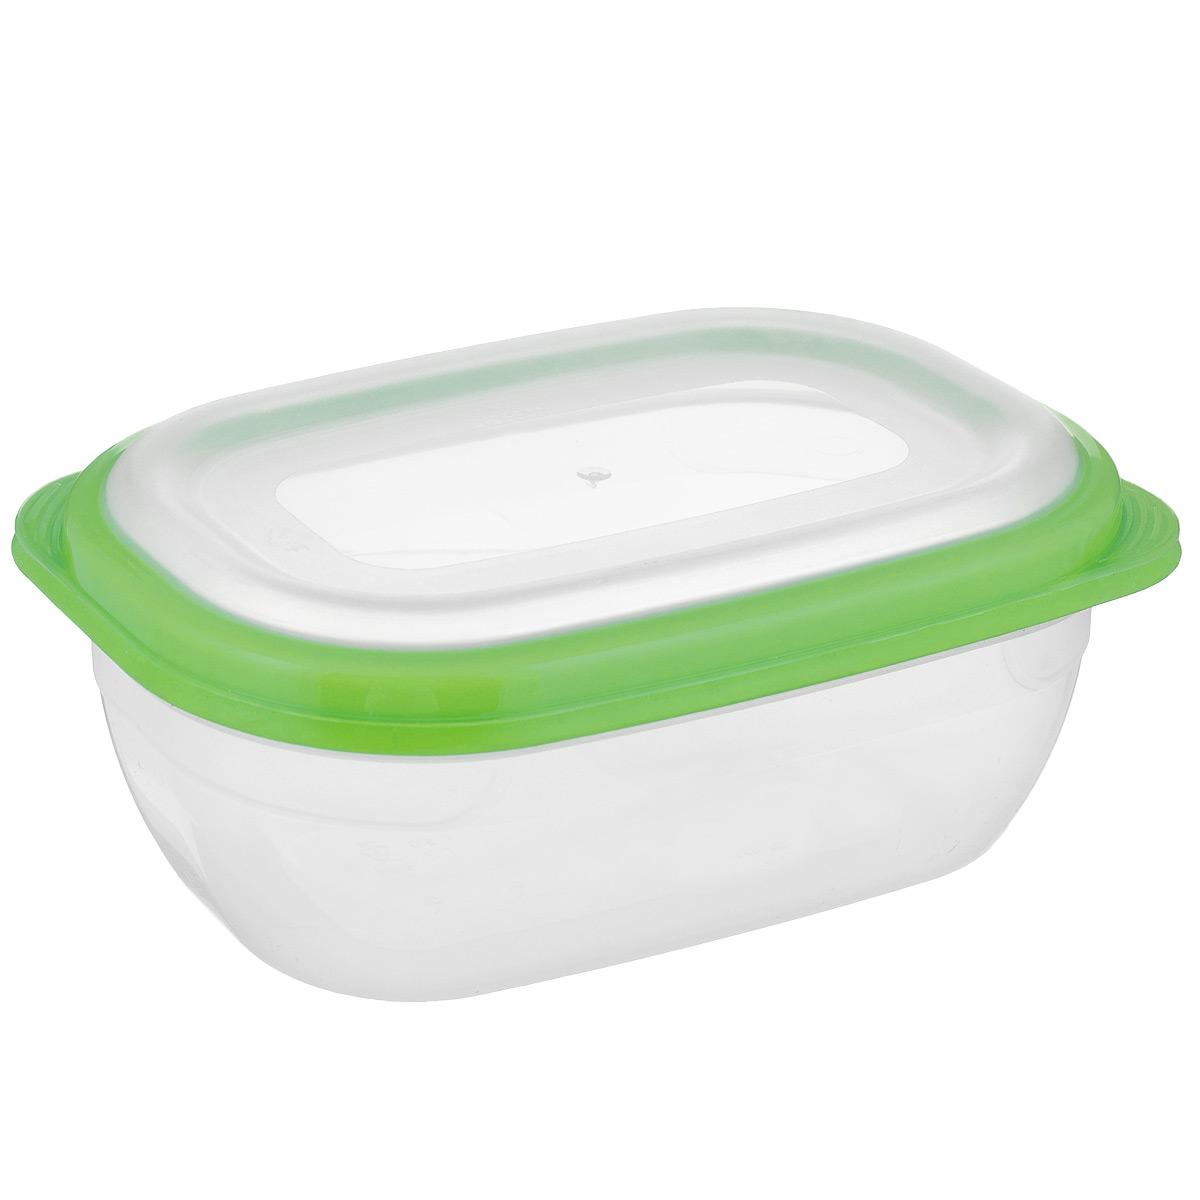 Контейнер для СВЧ Полимербыт Премиум, цвет: салатовый, прозрачный, 0,5 лС560 салатовыйПрямоугольный контейнер для СВЧ Полимербыт Премиум изготовлен из высококачественного прочного пластика, устойчивого к высоким температурам (до +110°С). Крышка плотно и герметично закрывается, дольше сохраняя продукты свежими и вкусными. Контейнер идеально подходит для хранения пищи, его удобно брать с собой на работу, учебу, пикник или просто использовать для хранения пищи в холодильнике.Подходит для разогрева пищи в микроволновой печи и для заморозки в морозильной камере (при минимальной температуре -40°С). Можно мыть в посудомоечной машине.